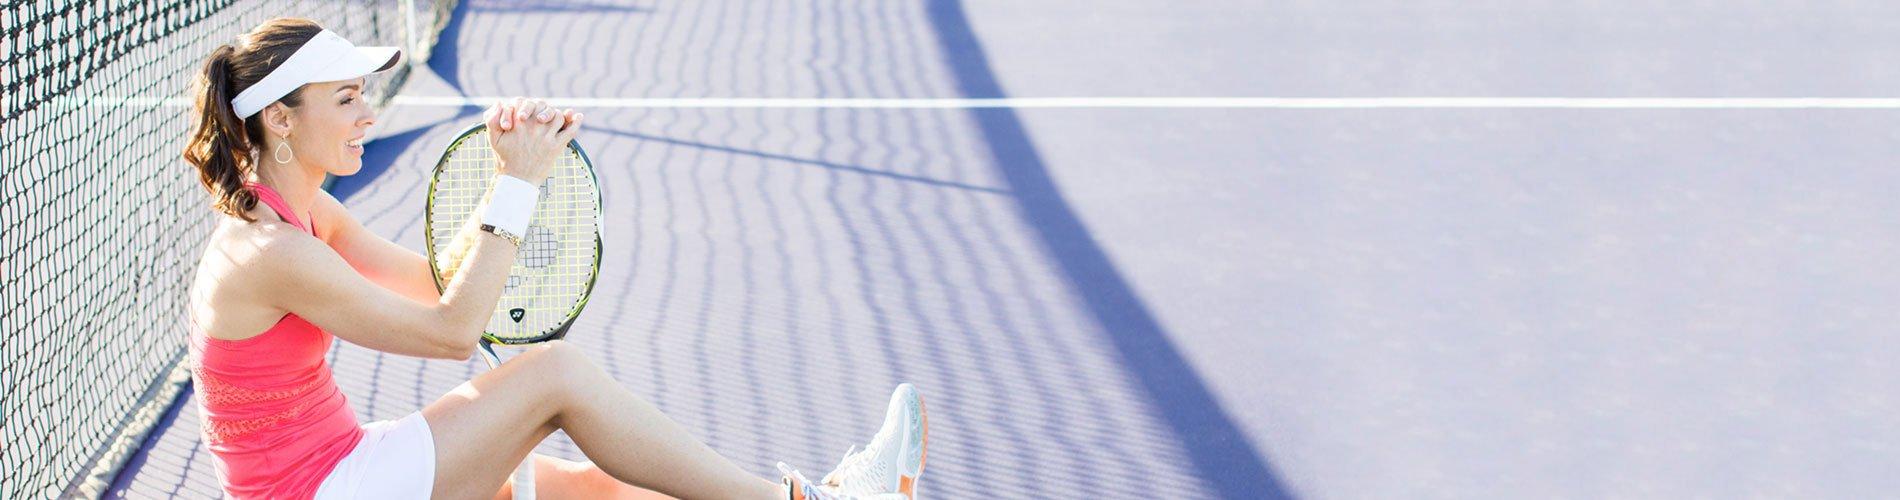 Notre Sélection d'autres modèles WTA Tour - Dames